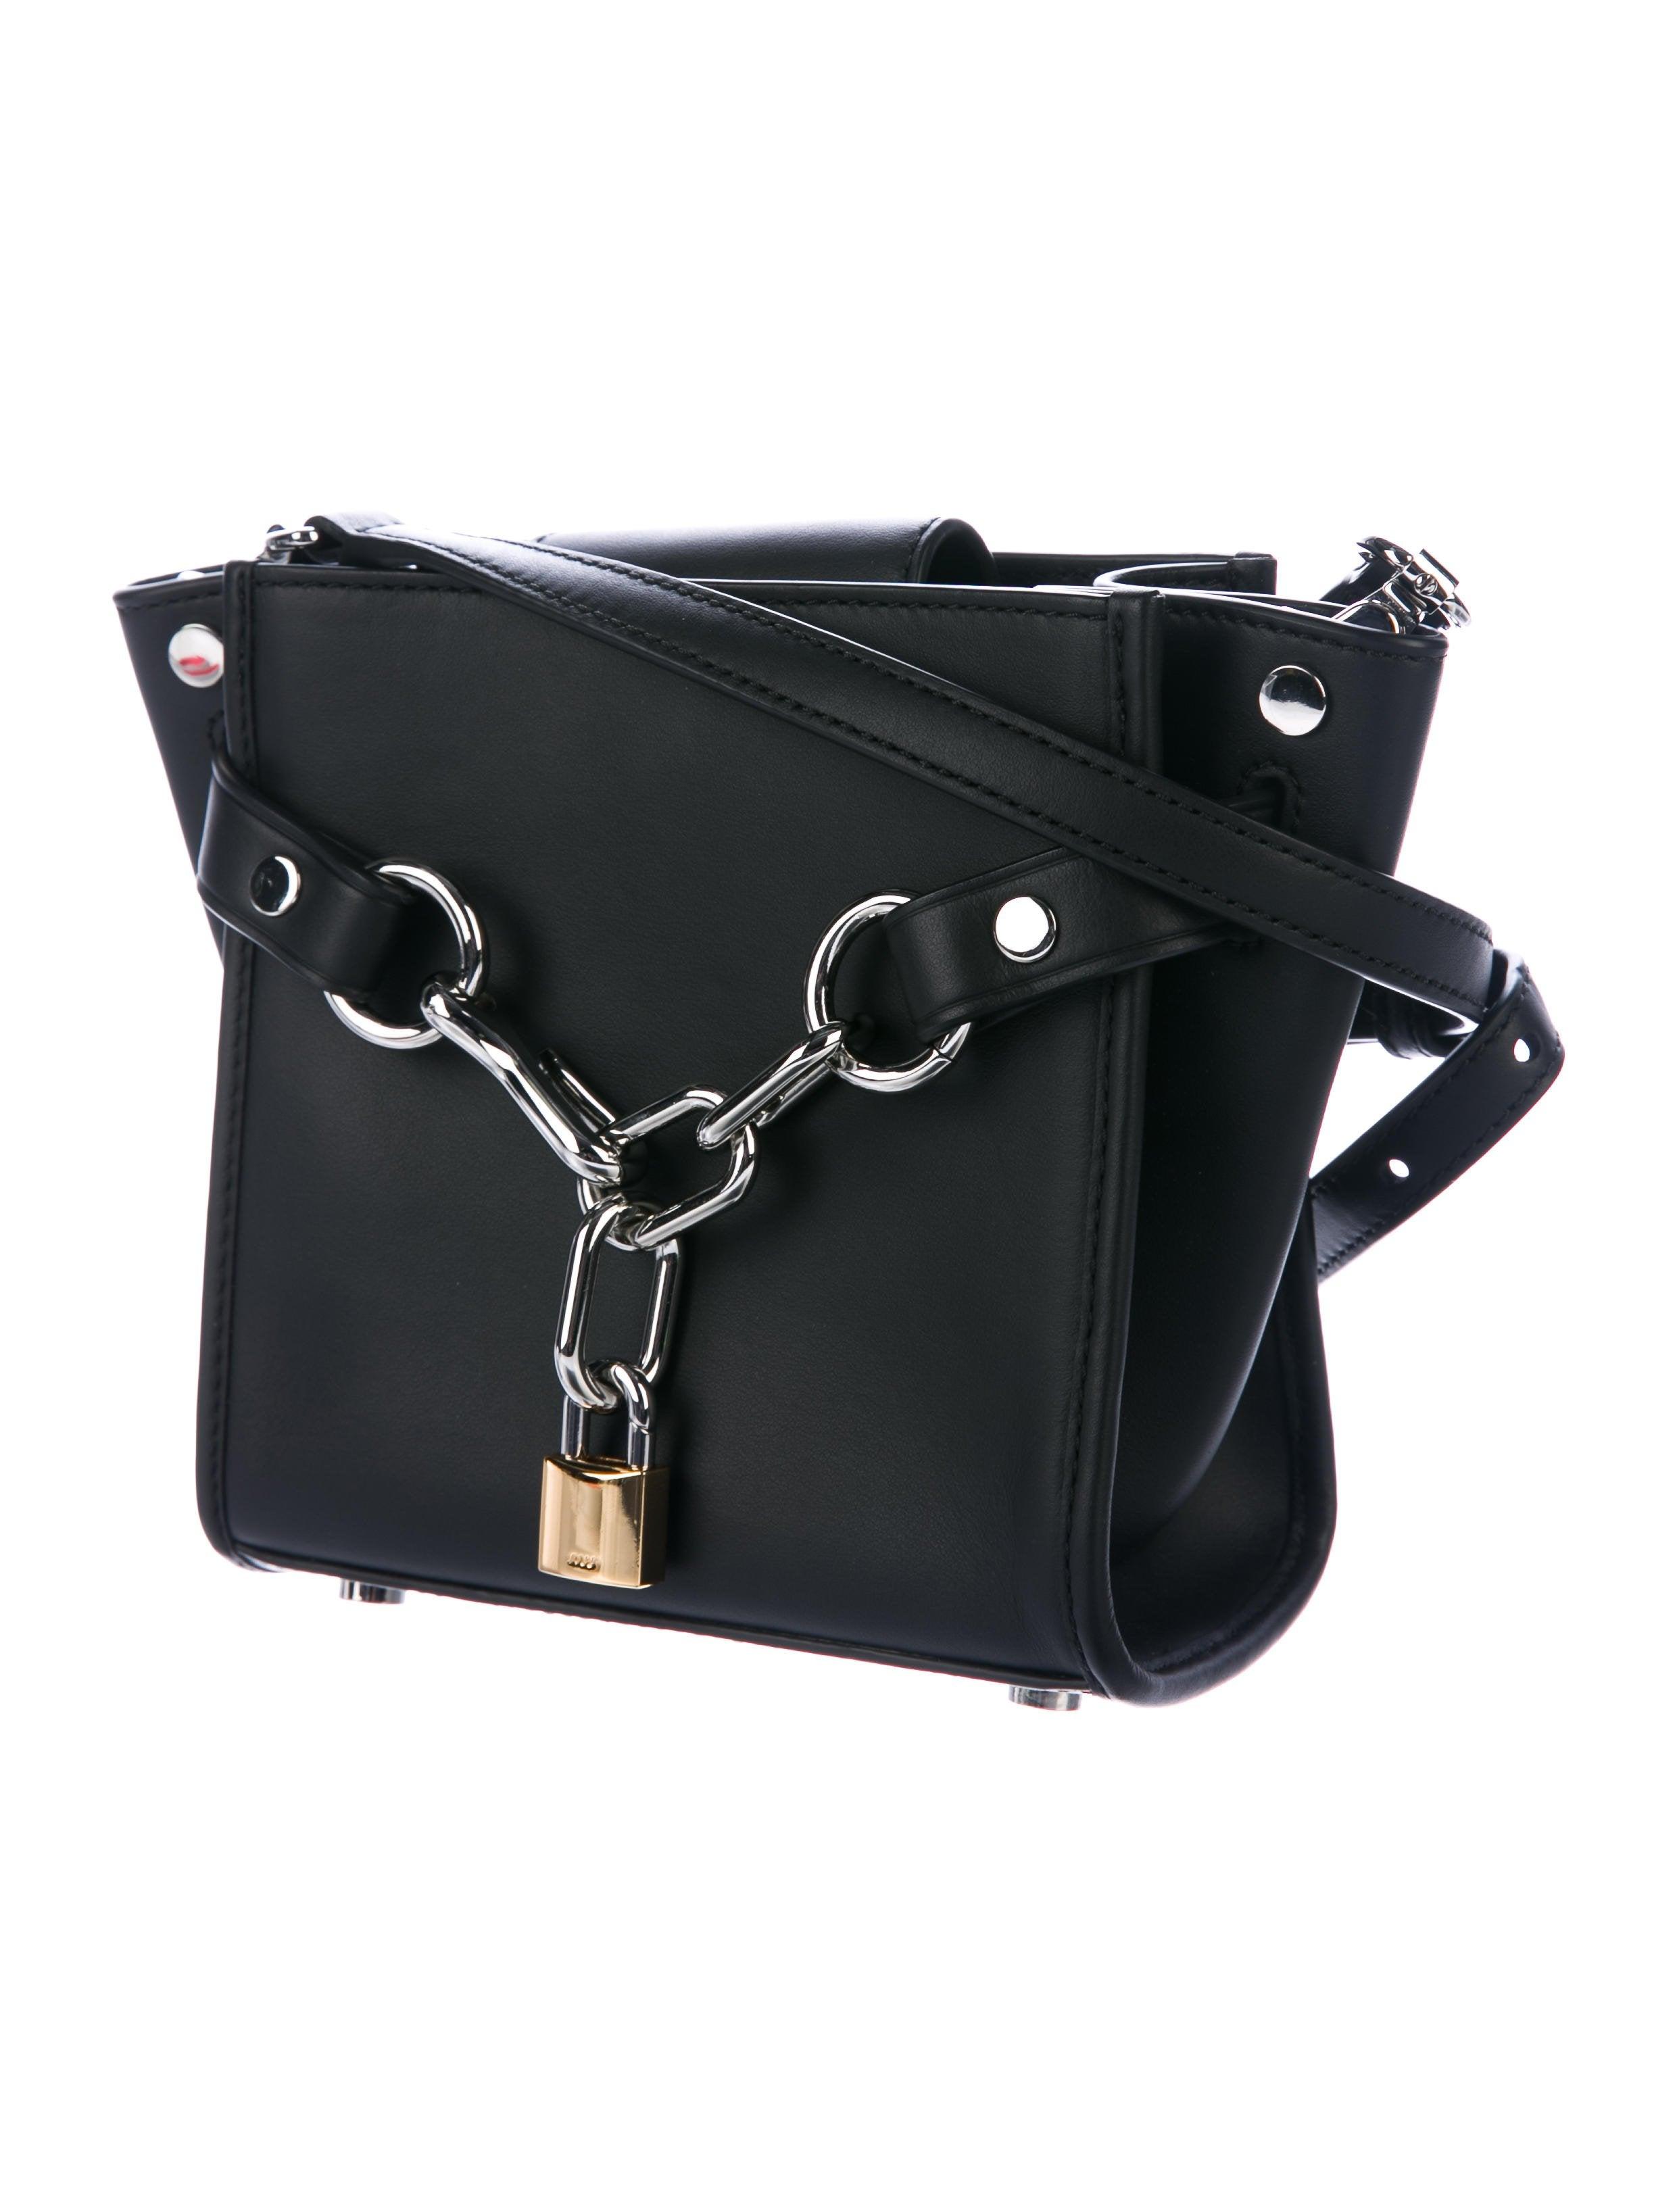 816e8630ea7 Alexander Mini Attica Bag Chain Wang rqFpOr in sentimentalize ...